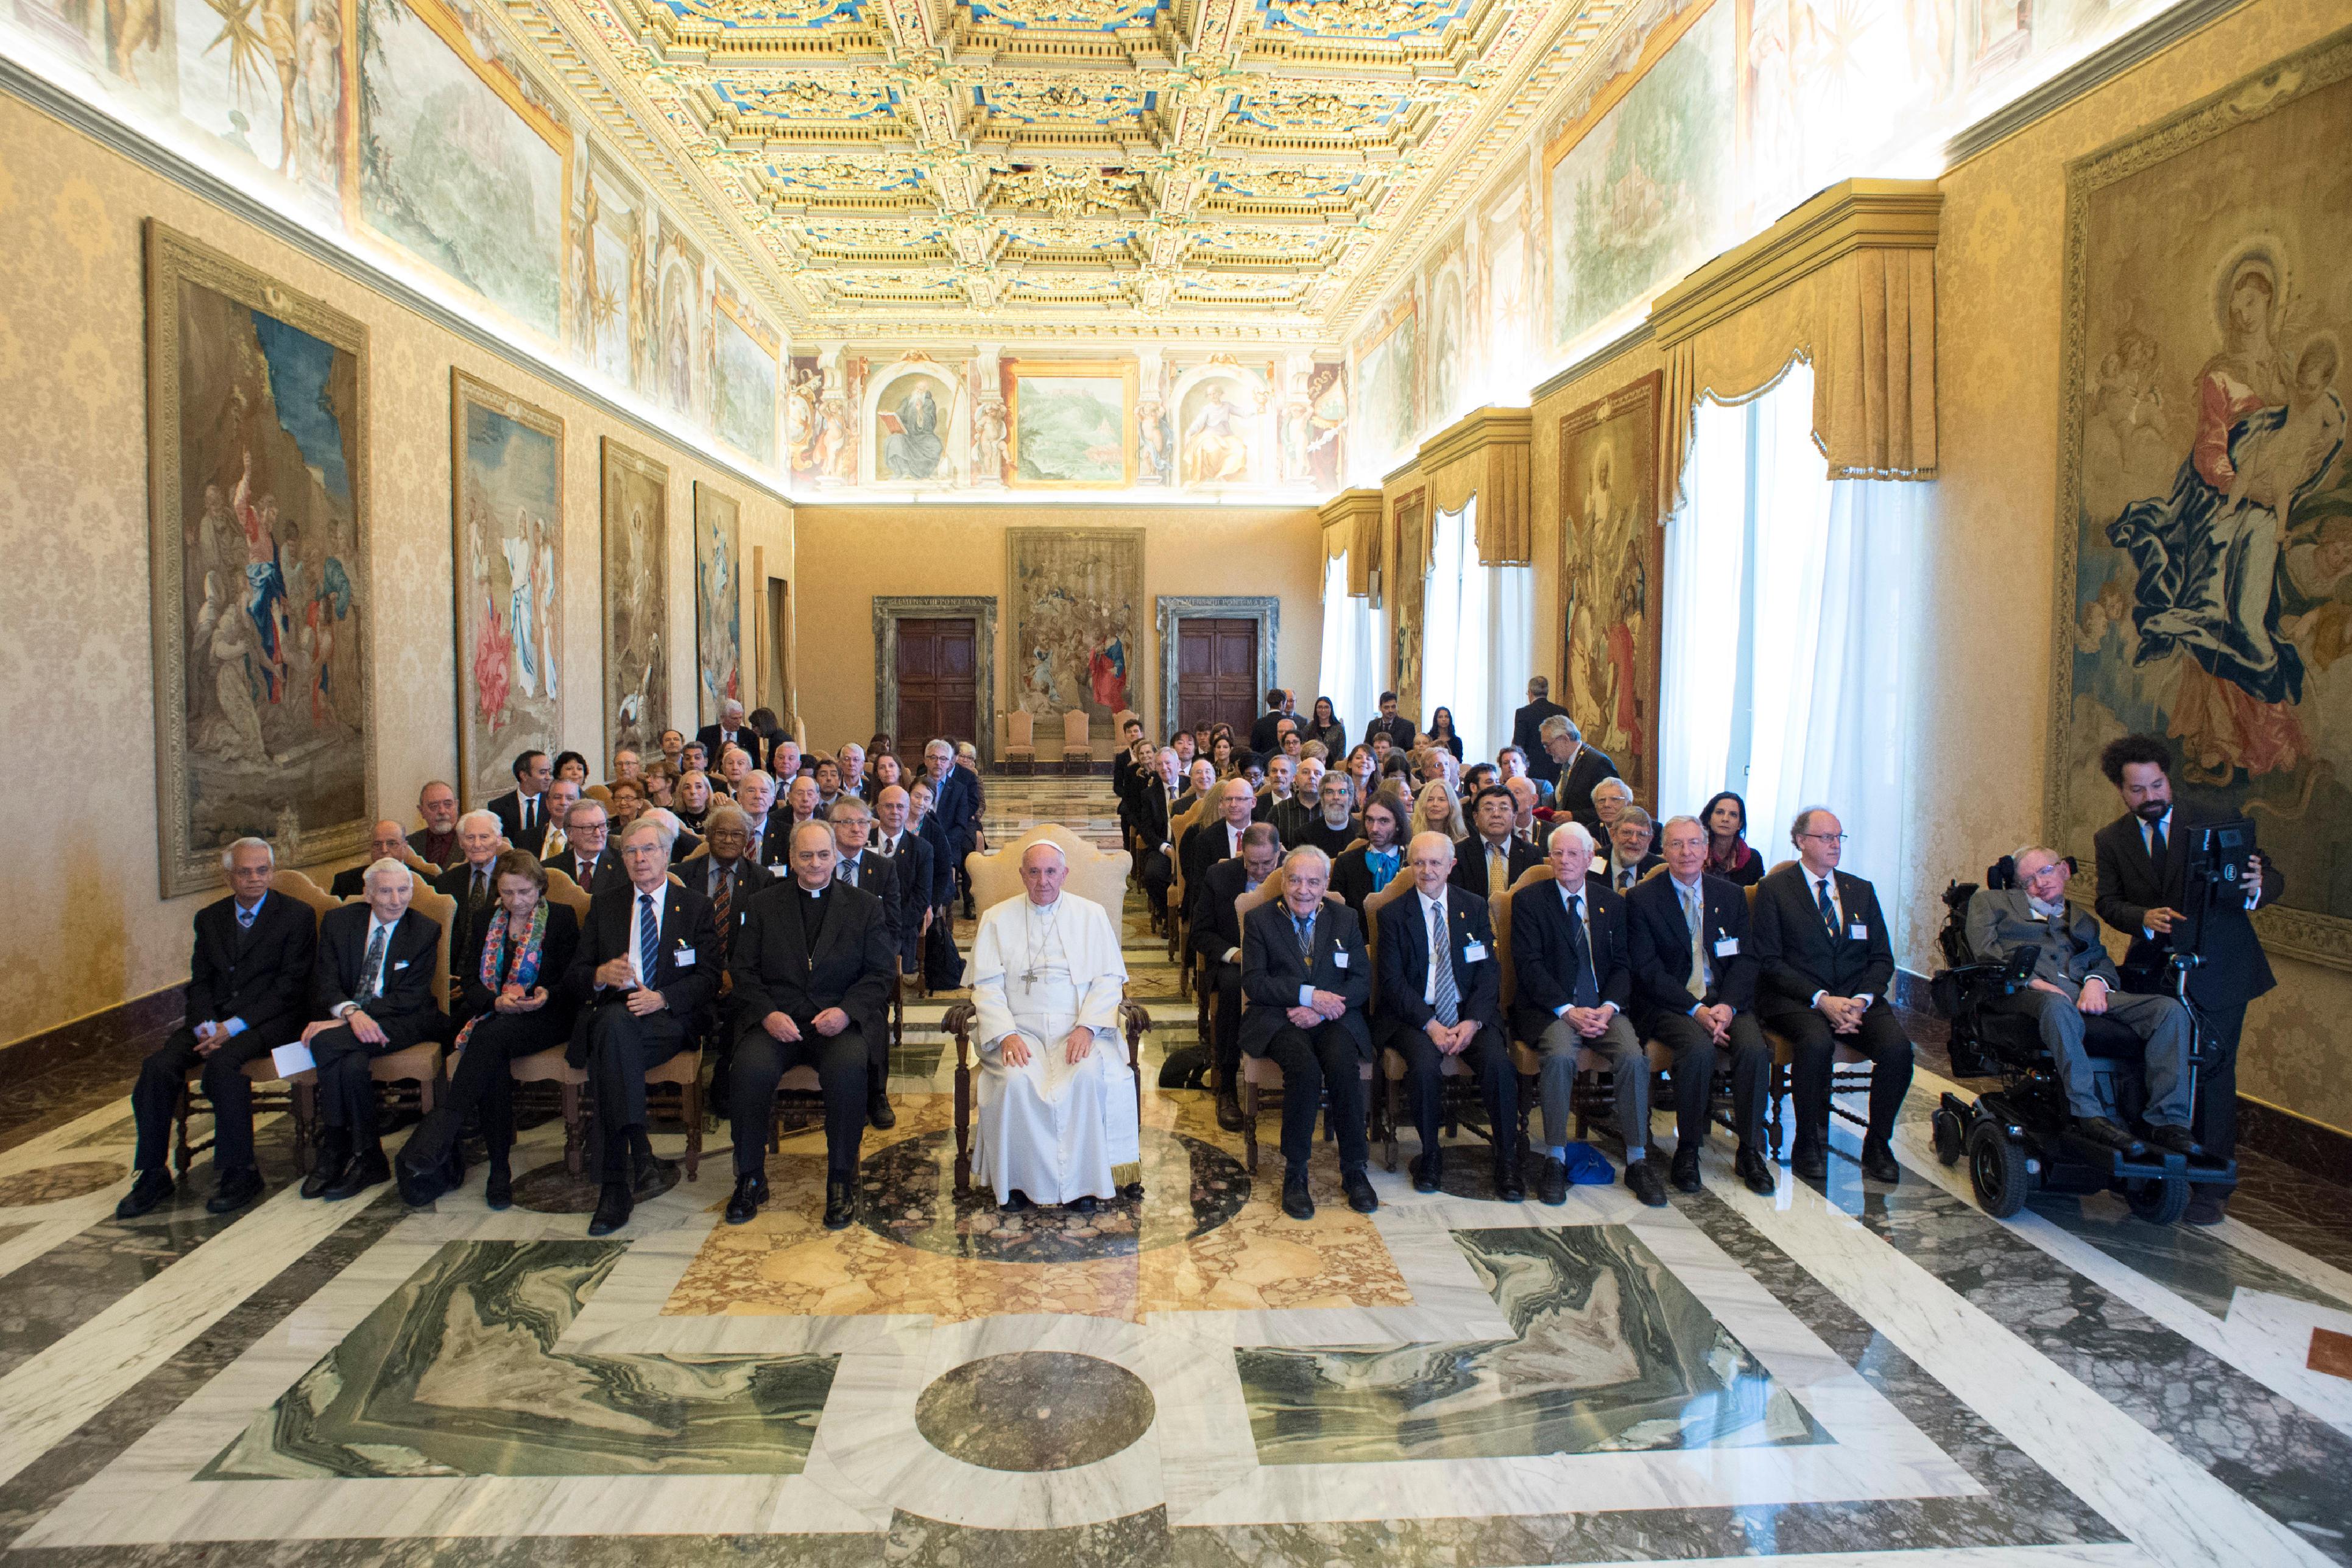 Assemblée plénière de l'Académie pontificale des sciences © L'Osservatore Romano